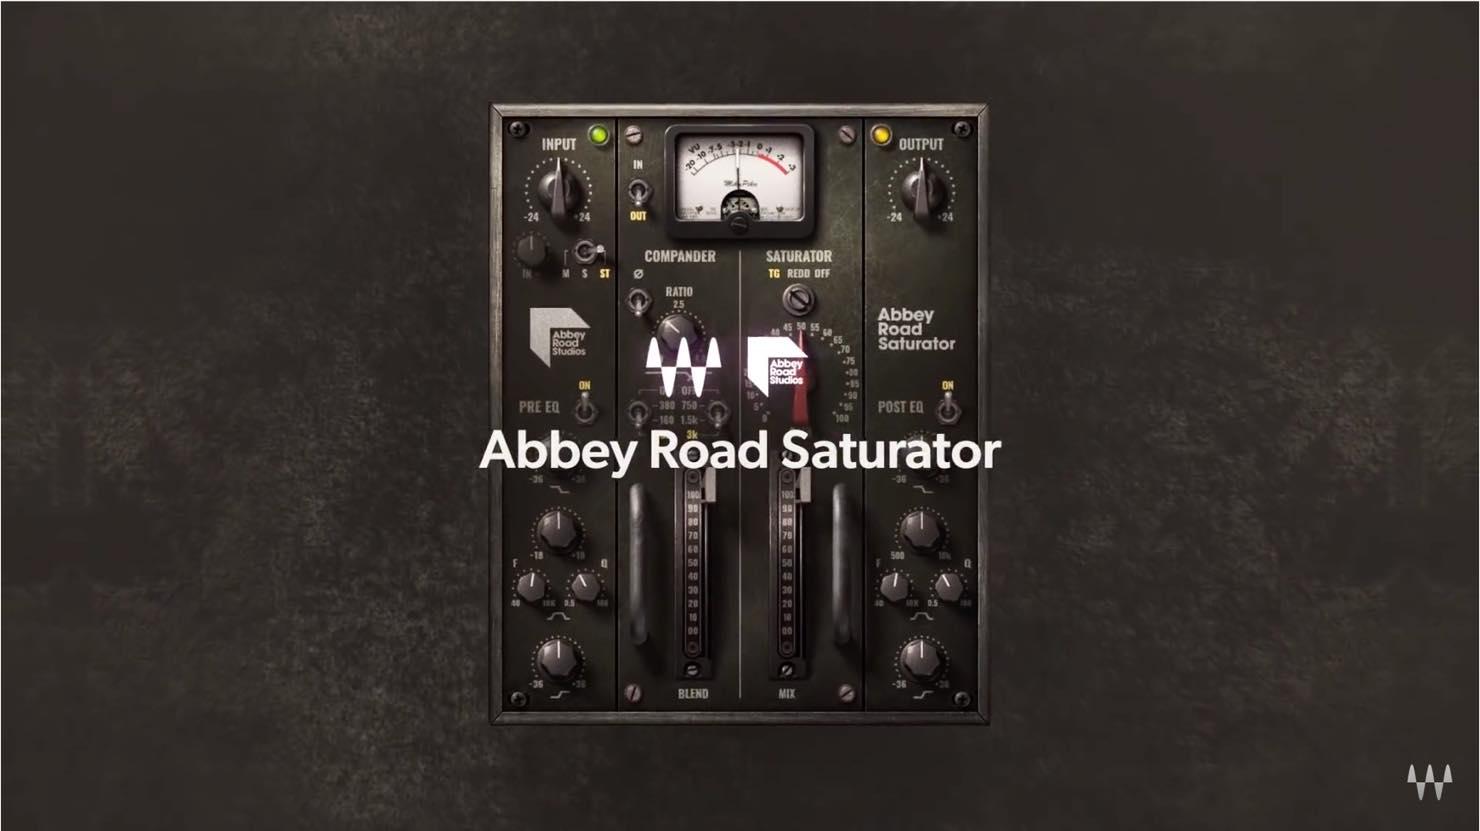 アビー・ロード・スタジオ公認サチュレーションプラグイン Waves Abbey Road Saturatorが4,000円